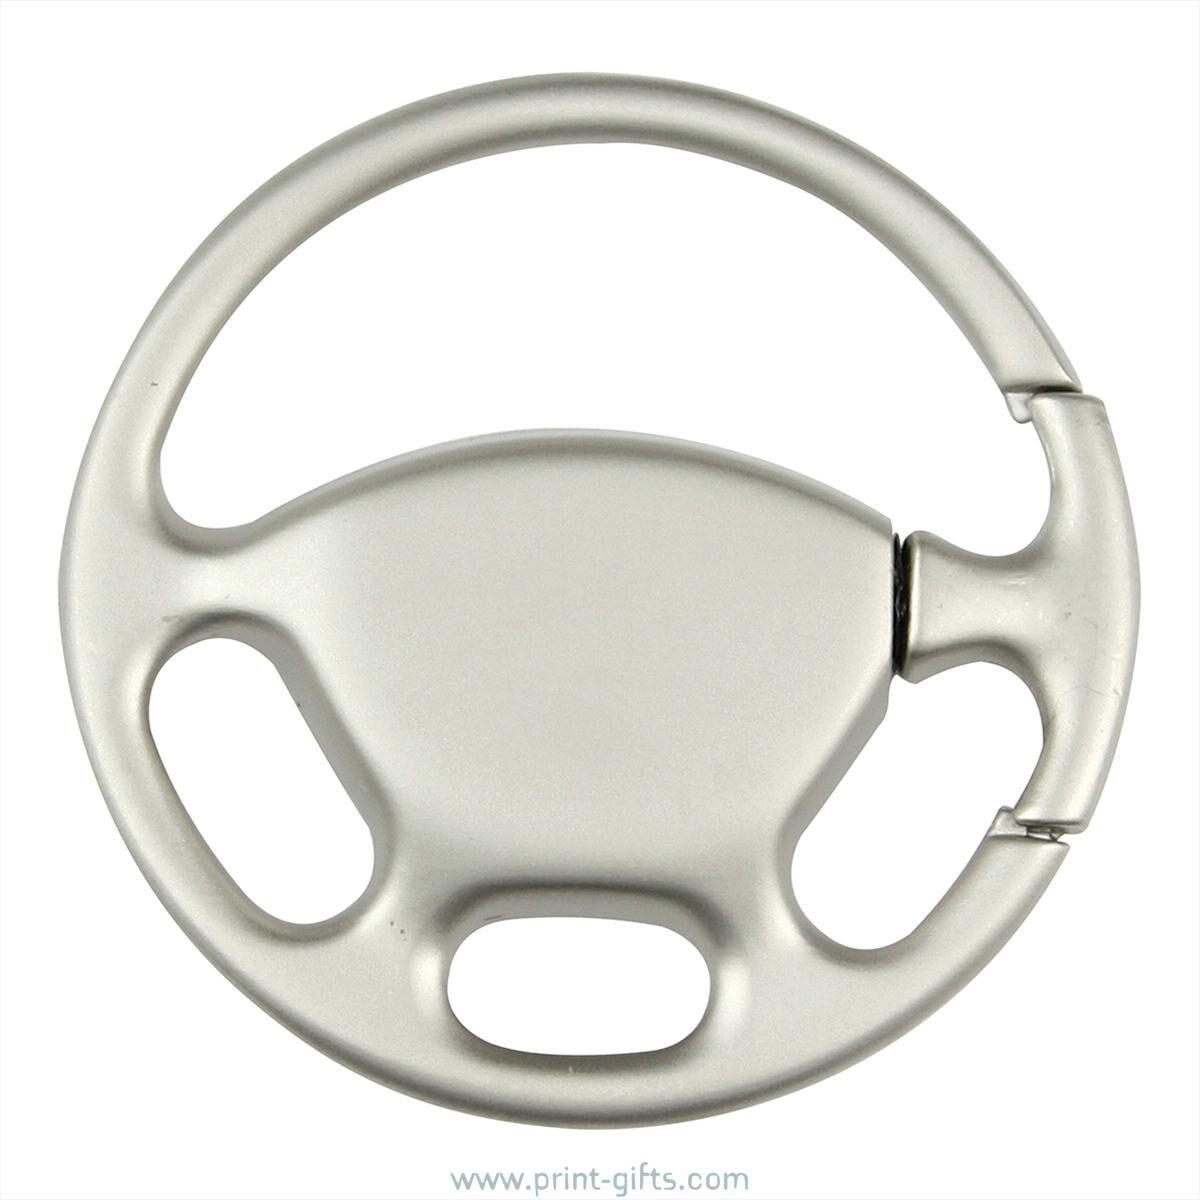 Keyring Steering Wheel to Print or Engrave